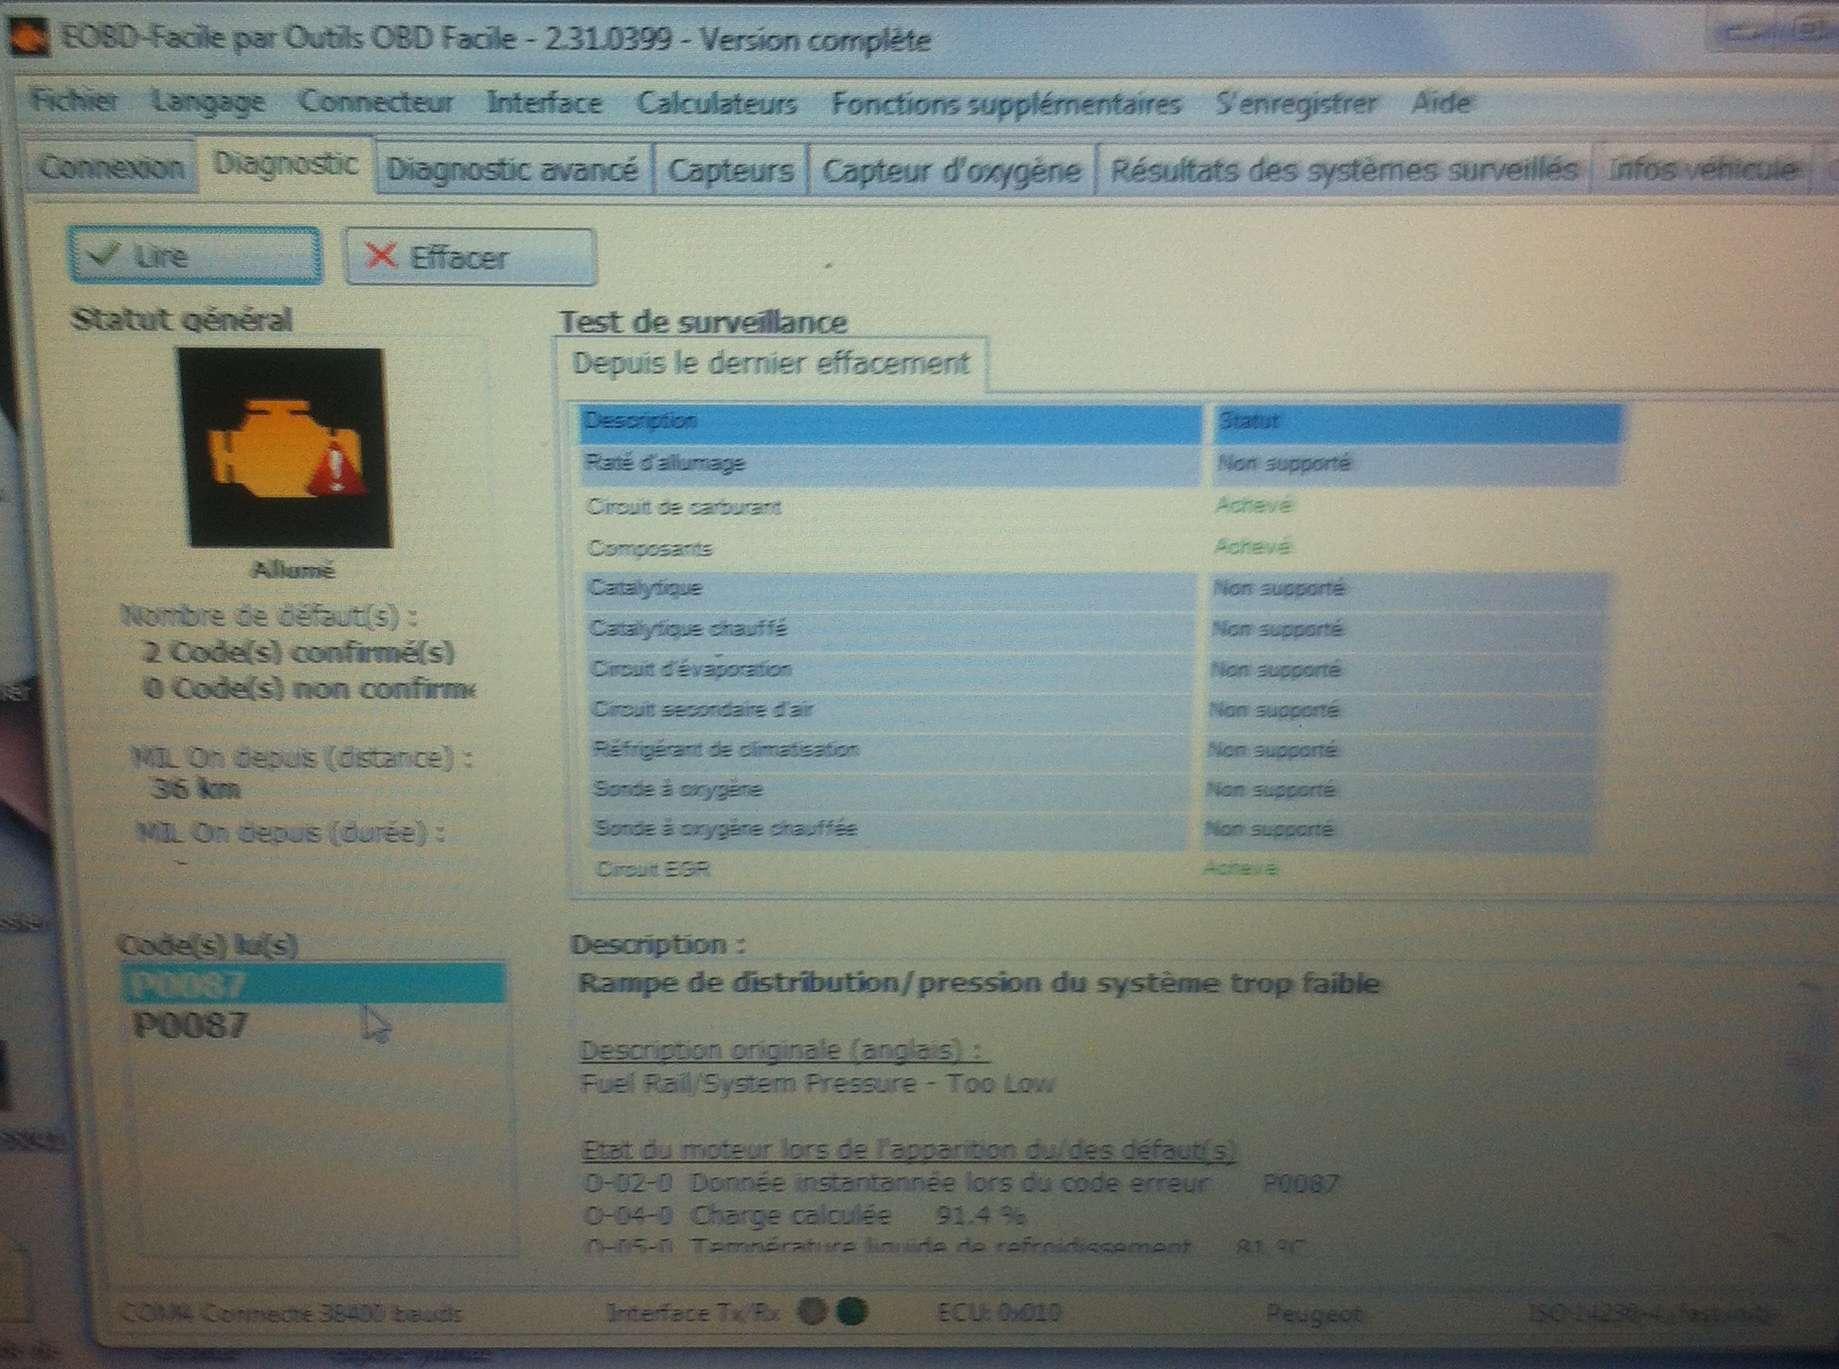 Code erreur p0087 pb rame de distribution helpppp 207 - Code erreur s04 03 ...